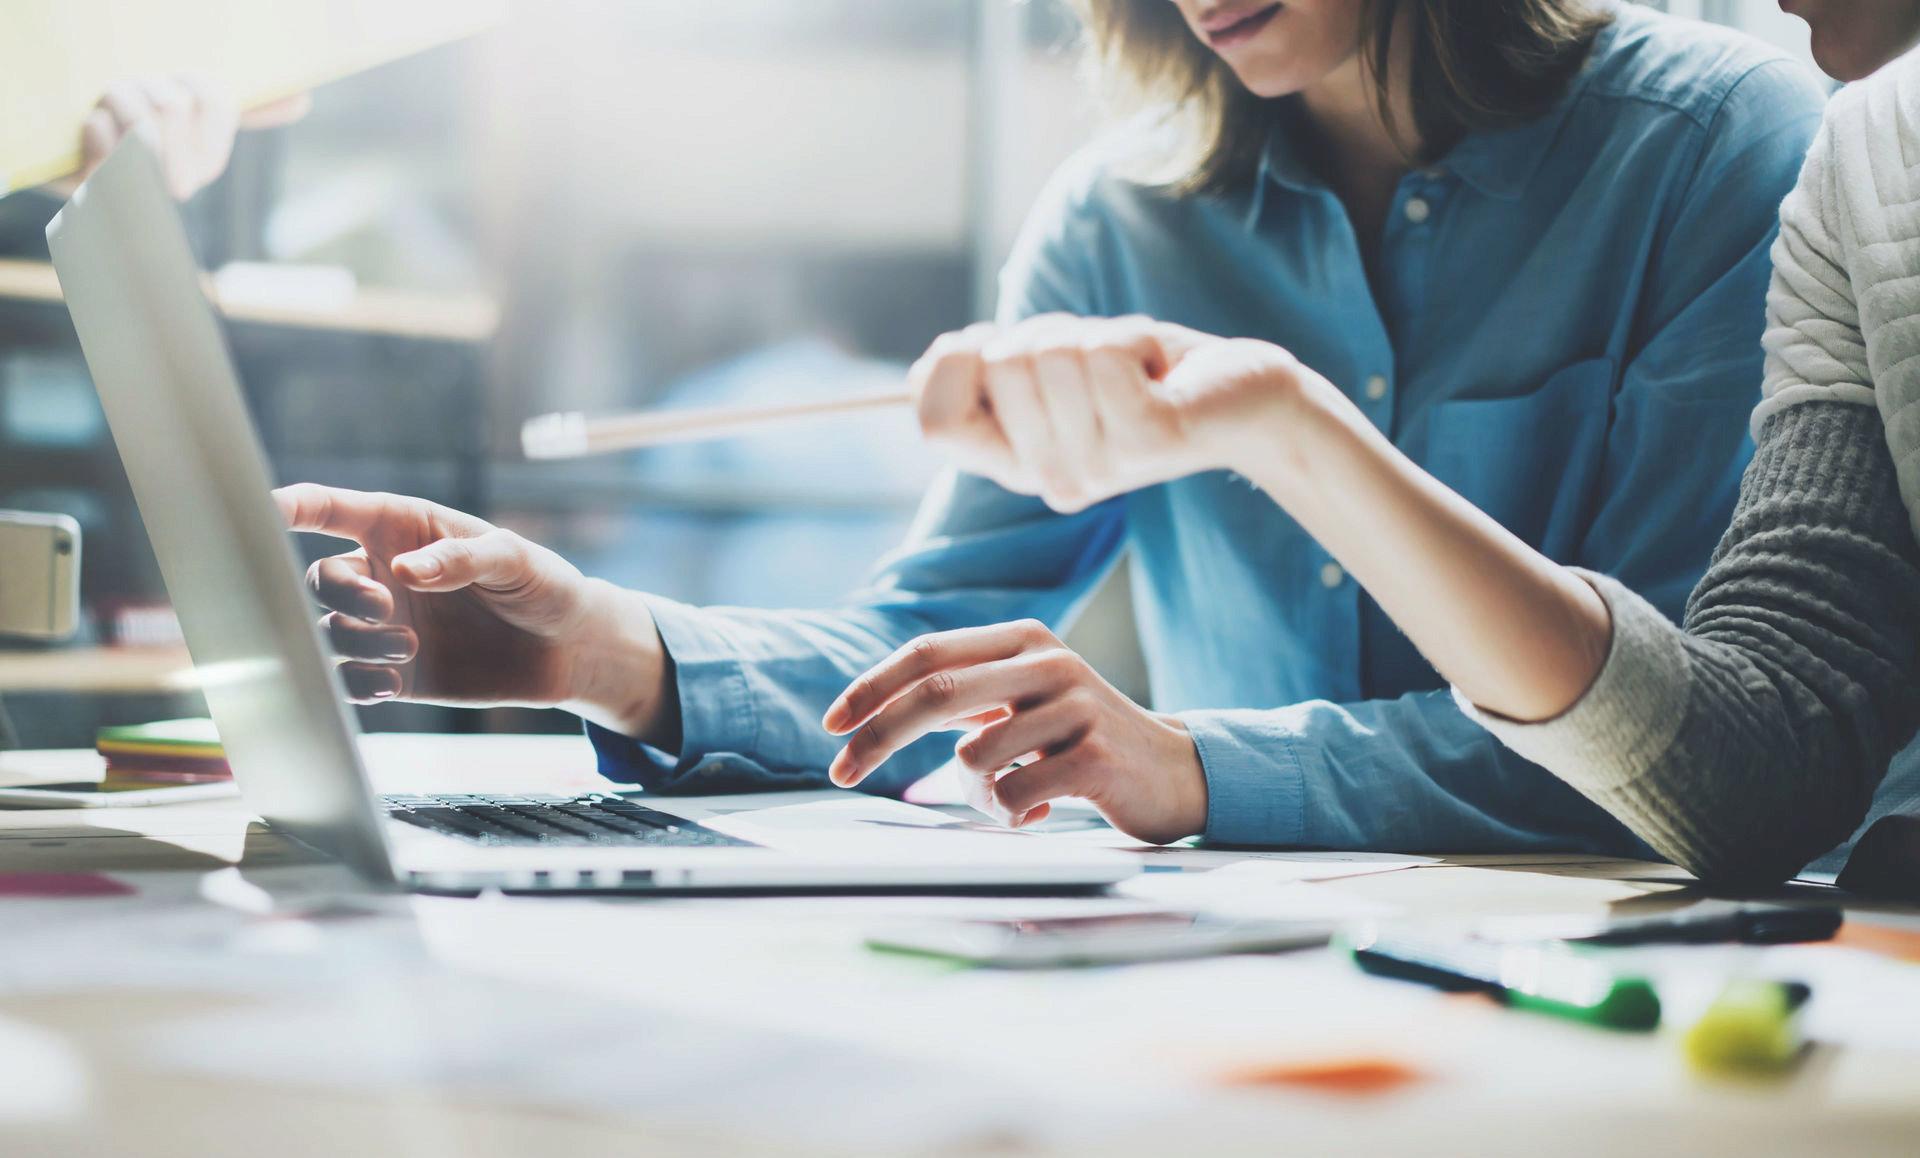 Korzystanie z technologii w życiu osobistym wpływa  na zachowanie ludzi w pracy